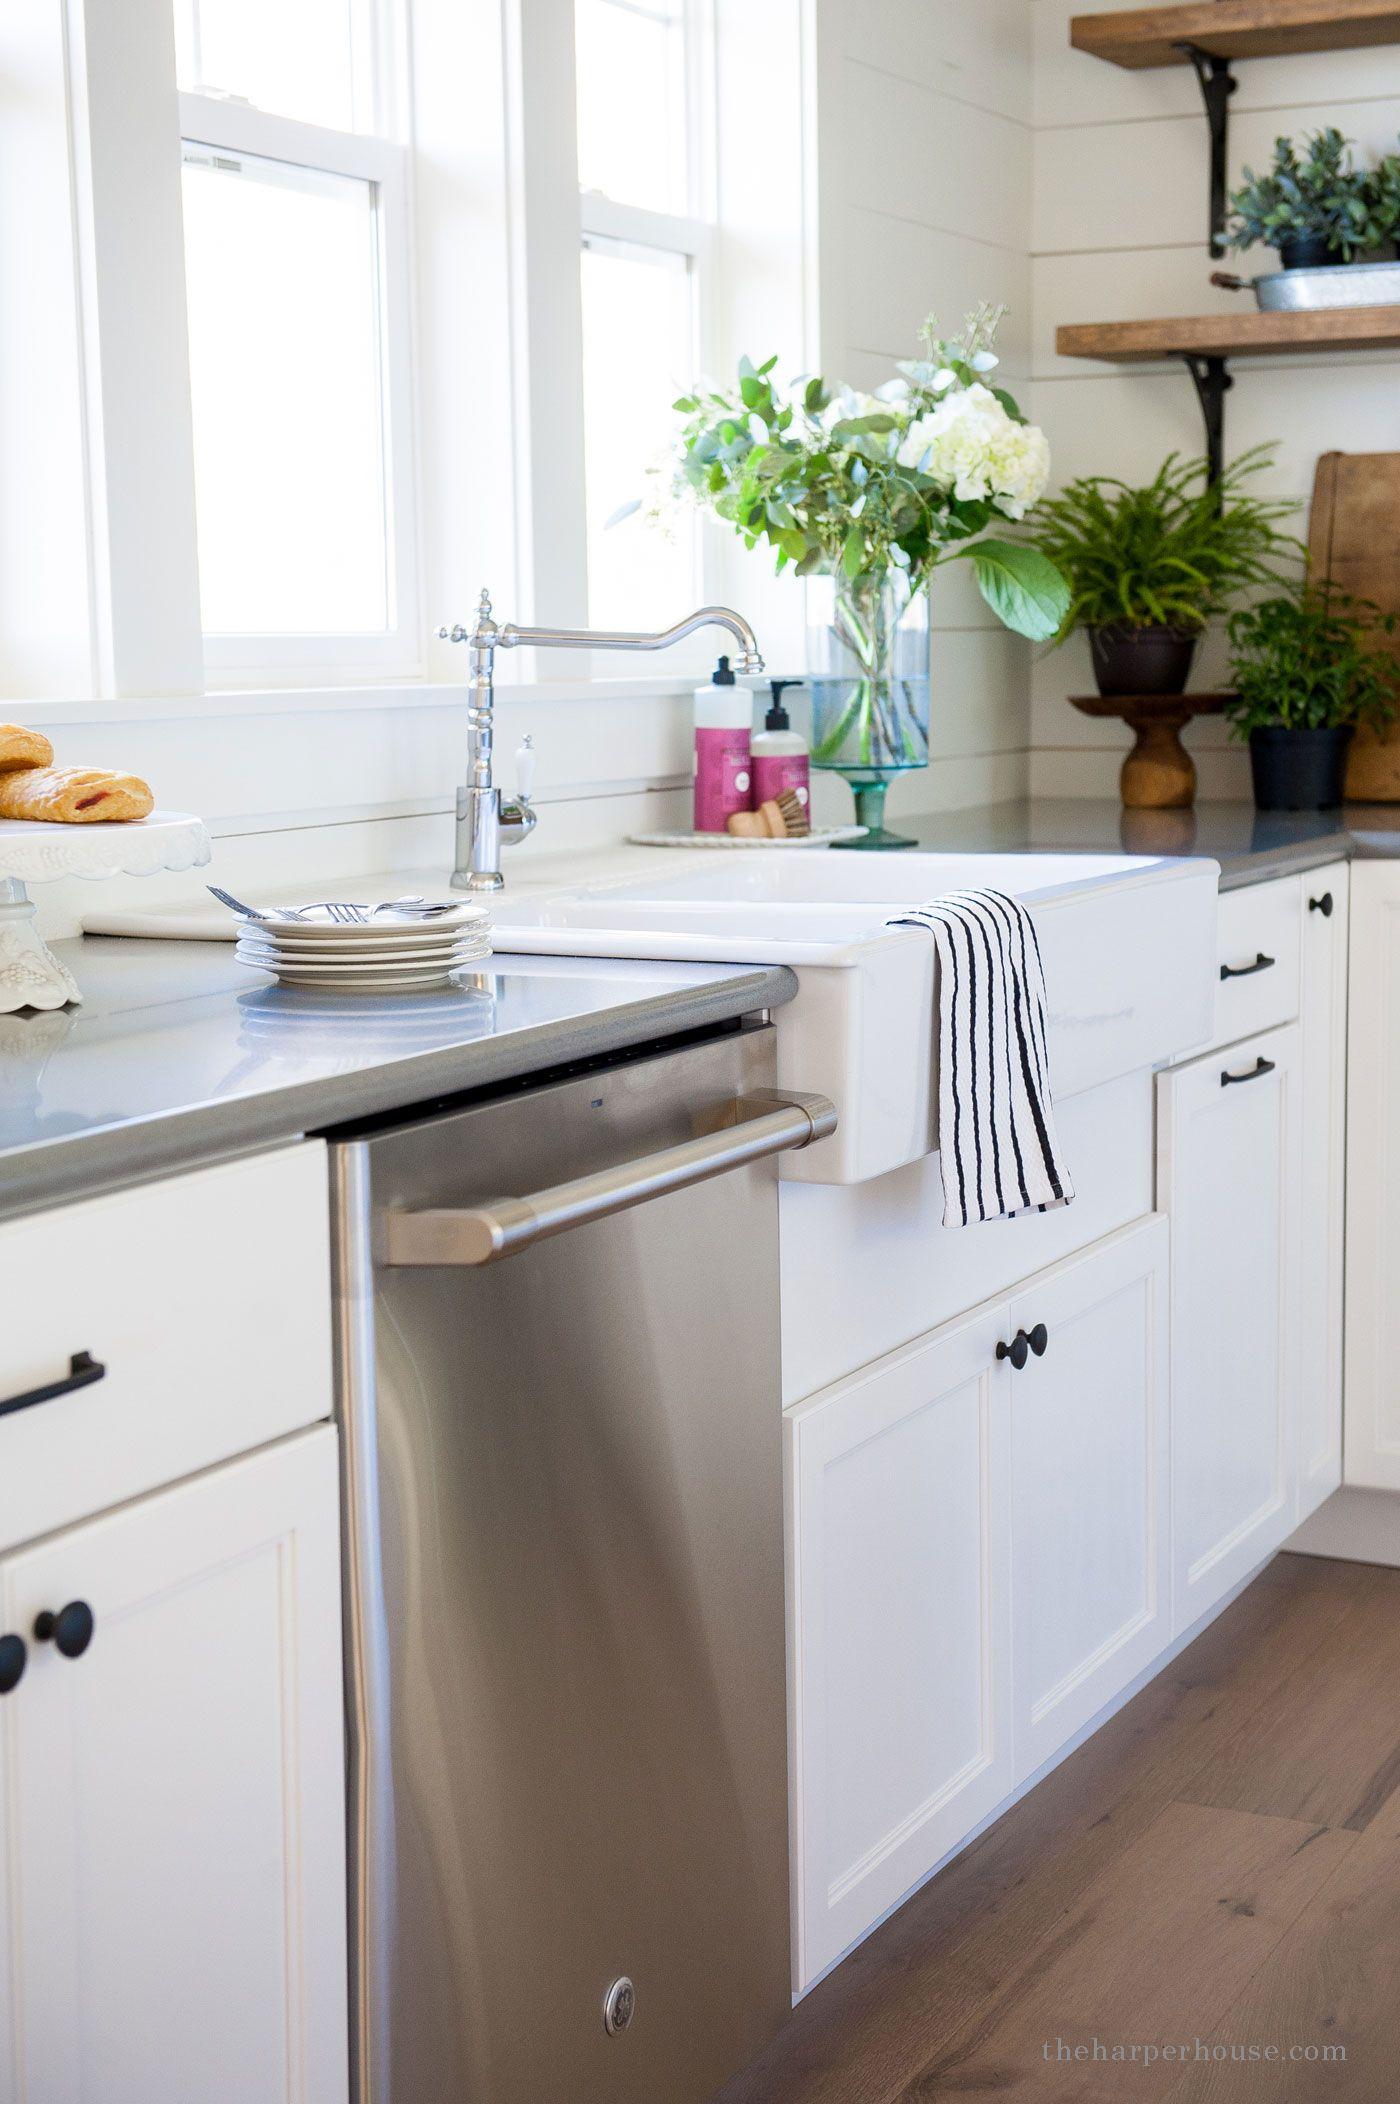 Erfreut Kücheninsel Designs Mit Waschbecken Und Sitz Fotos - Ideen ...